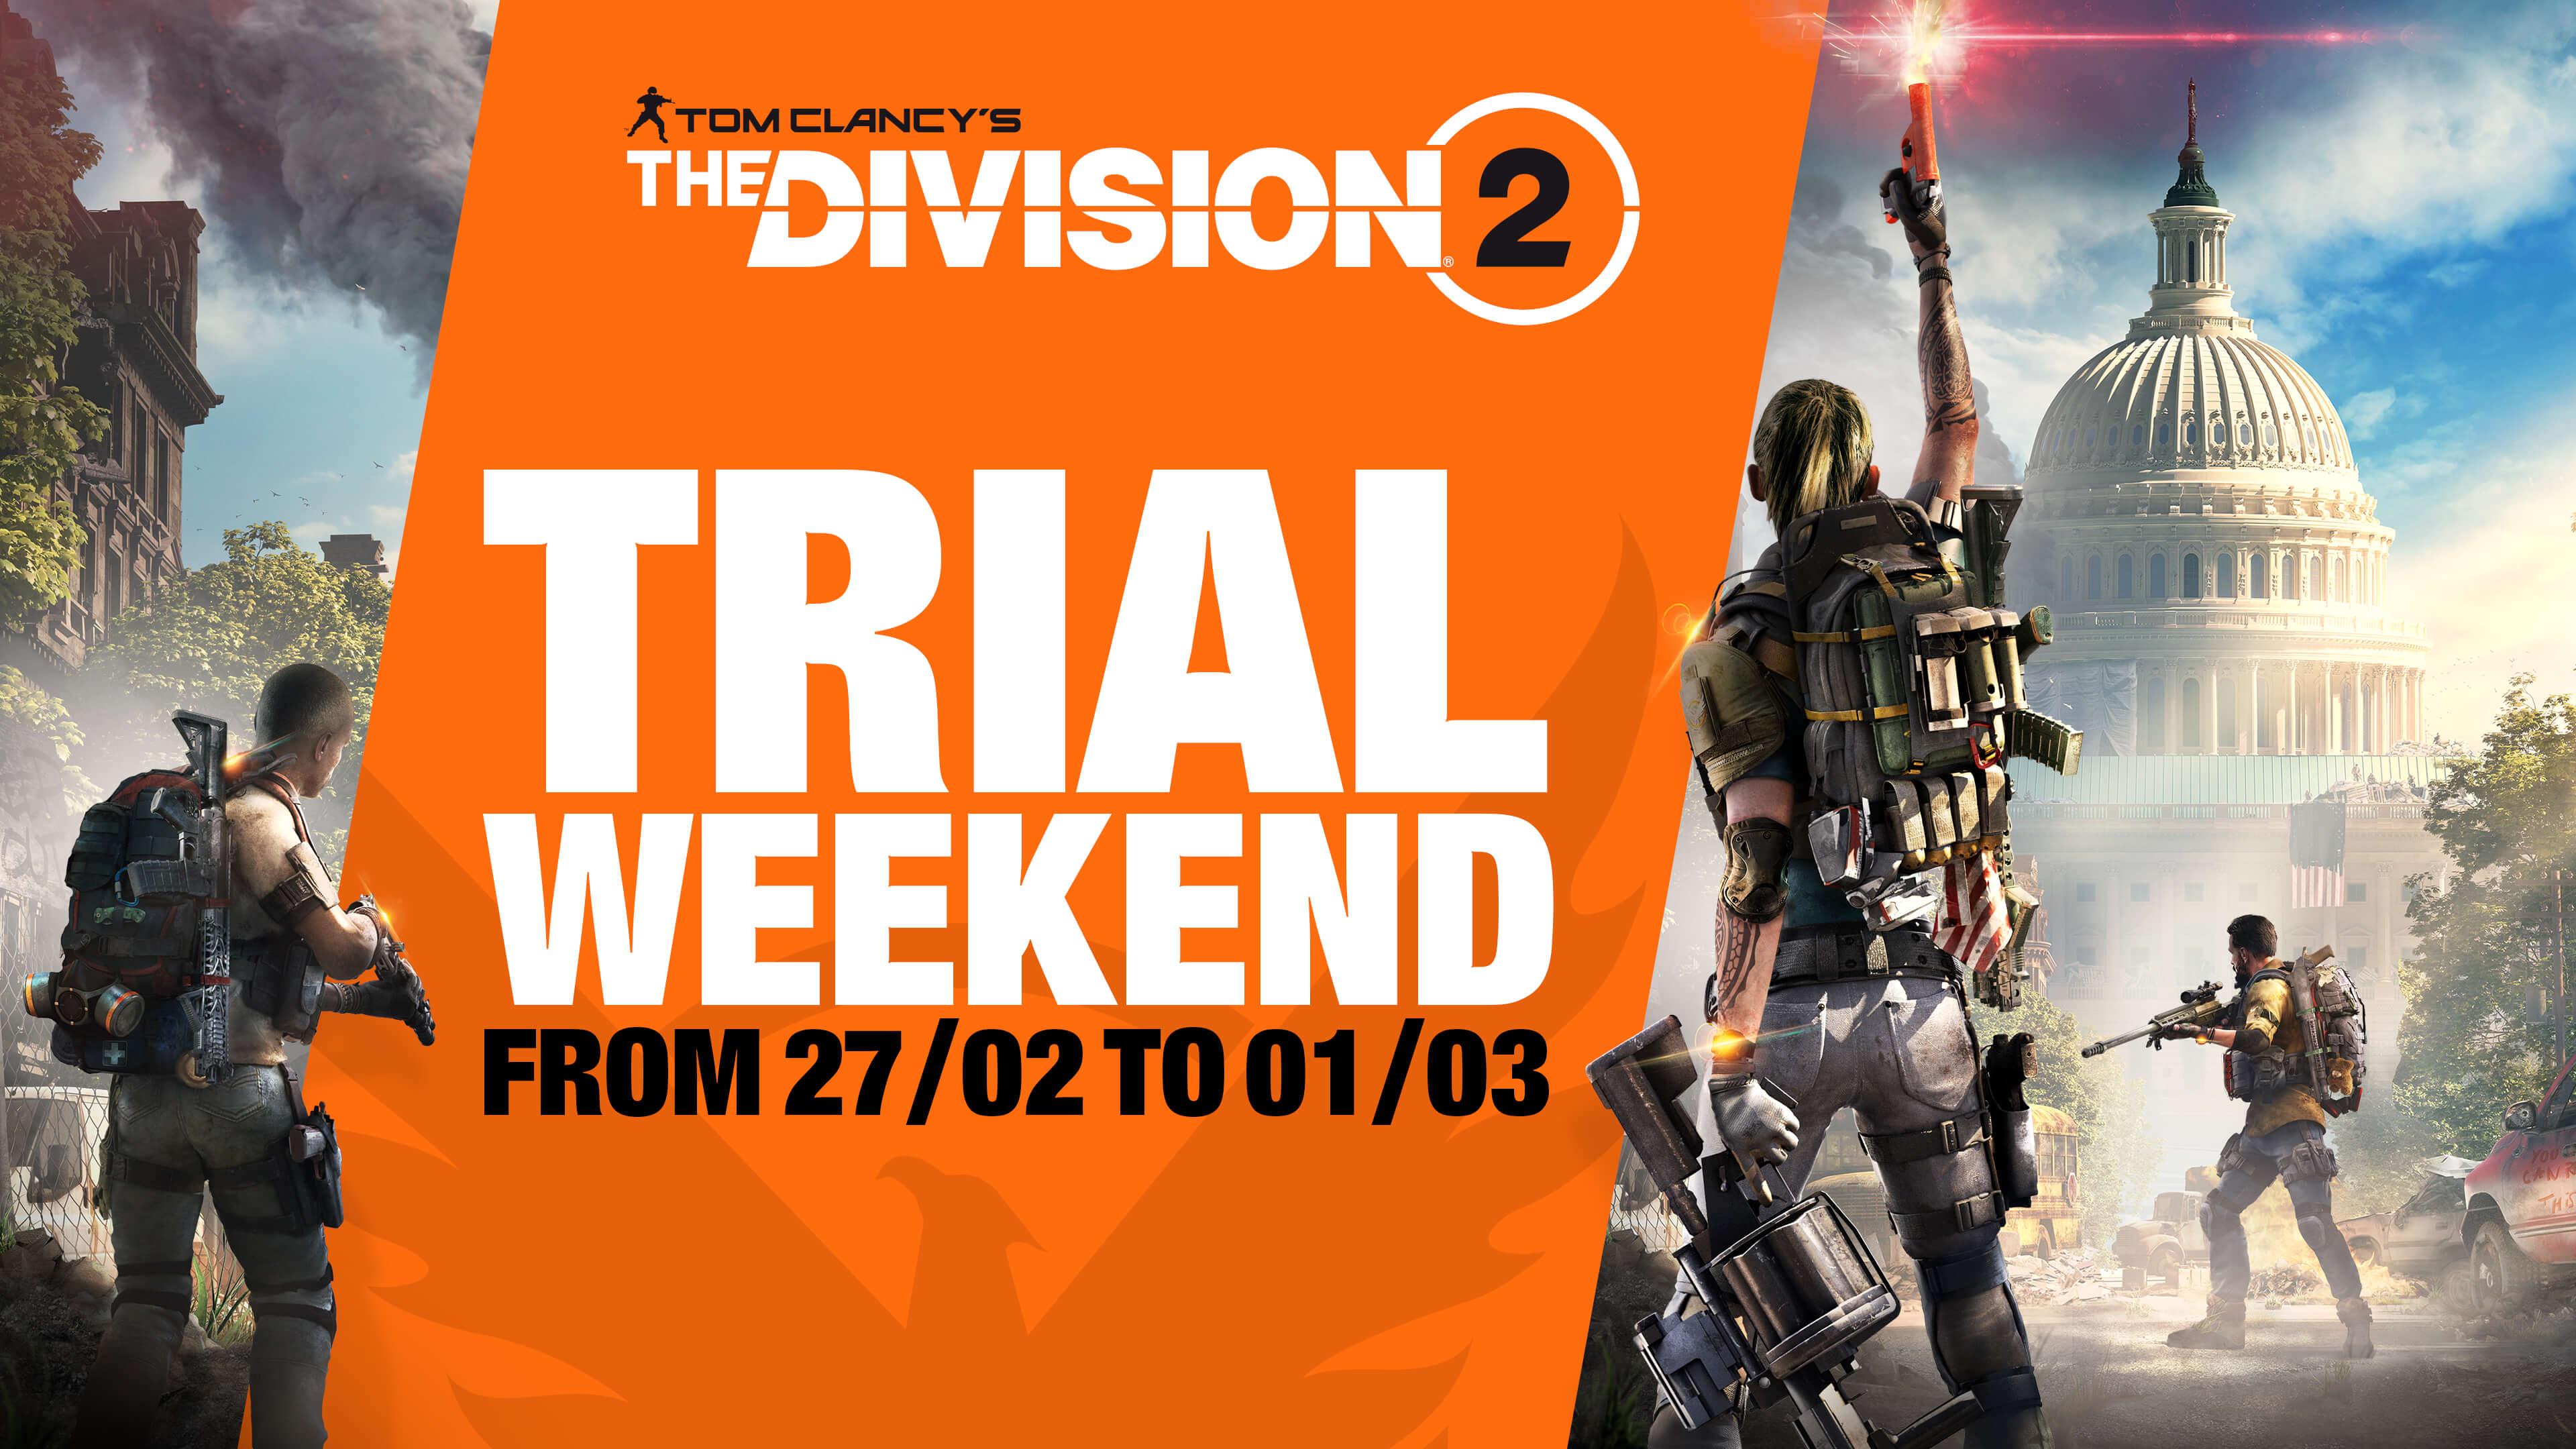 В Tom Clancy's The Division 2 теперь можно бесплатно играть в UPLAY и Epic Games Store до 1 марта